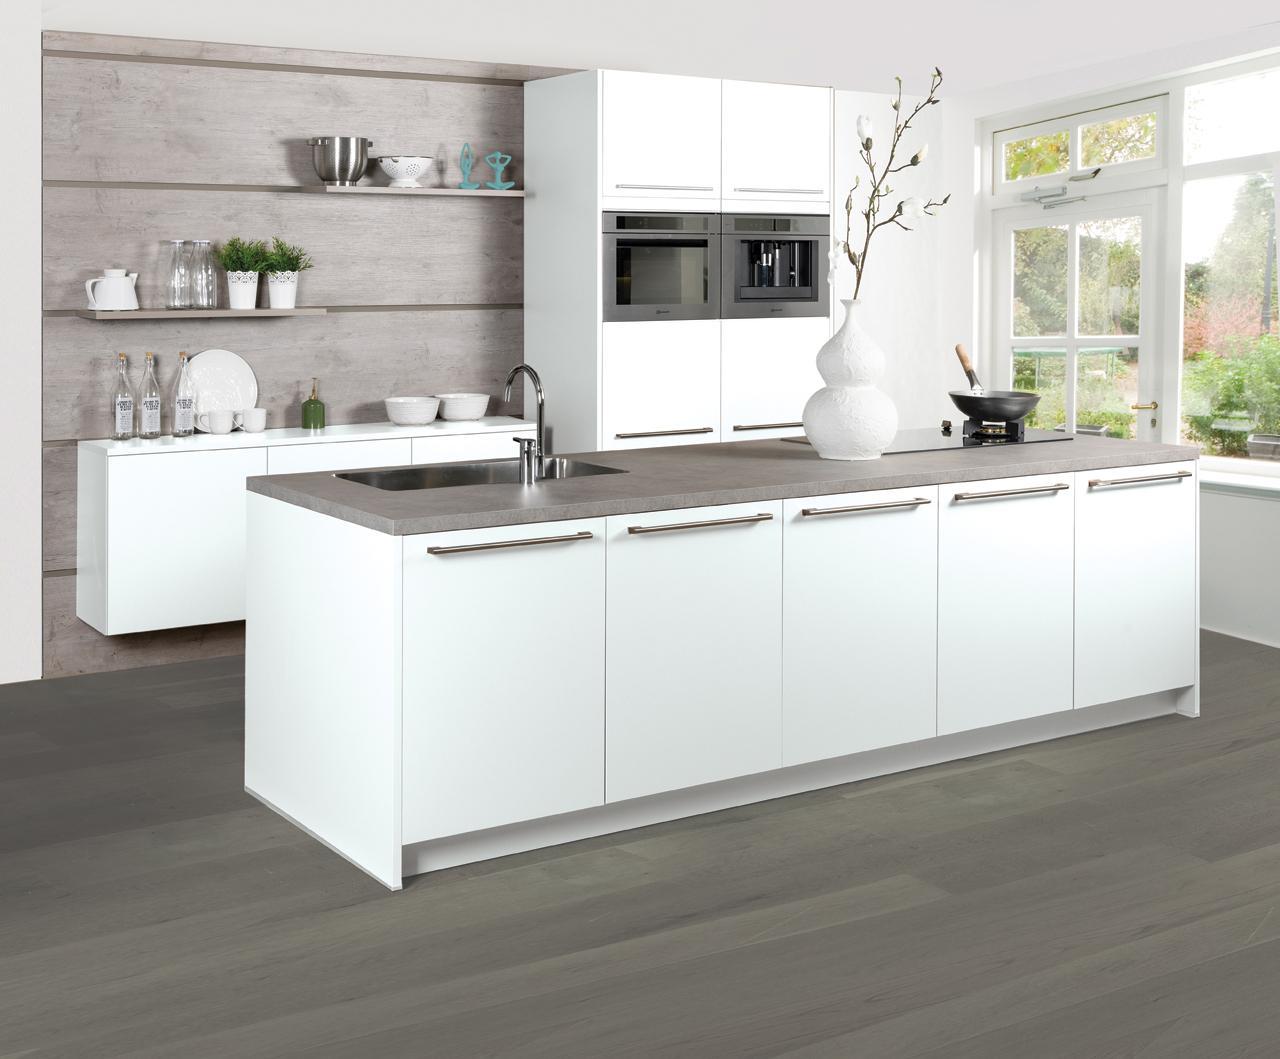 Gezelligheid en sfeer  kies een keuken met kookeiland   Nieuws   Appartementeneigenaar nl